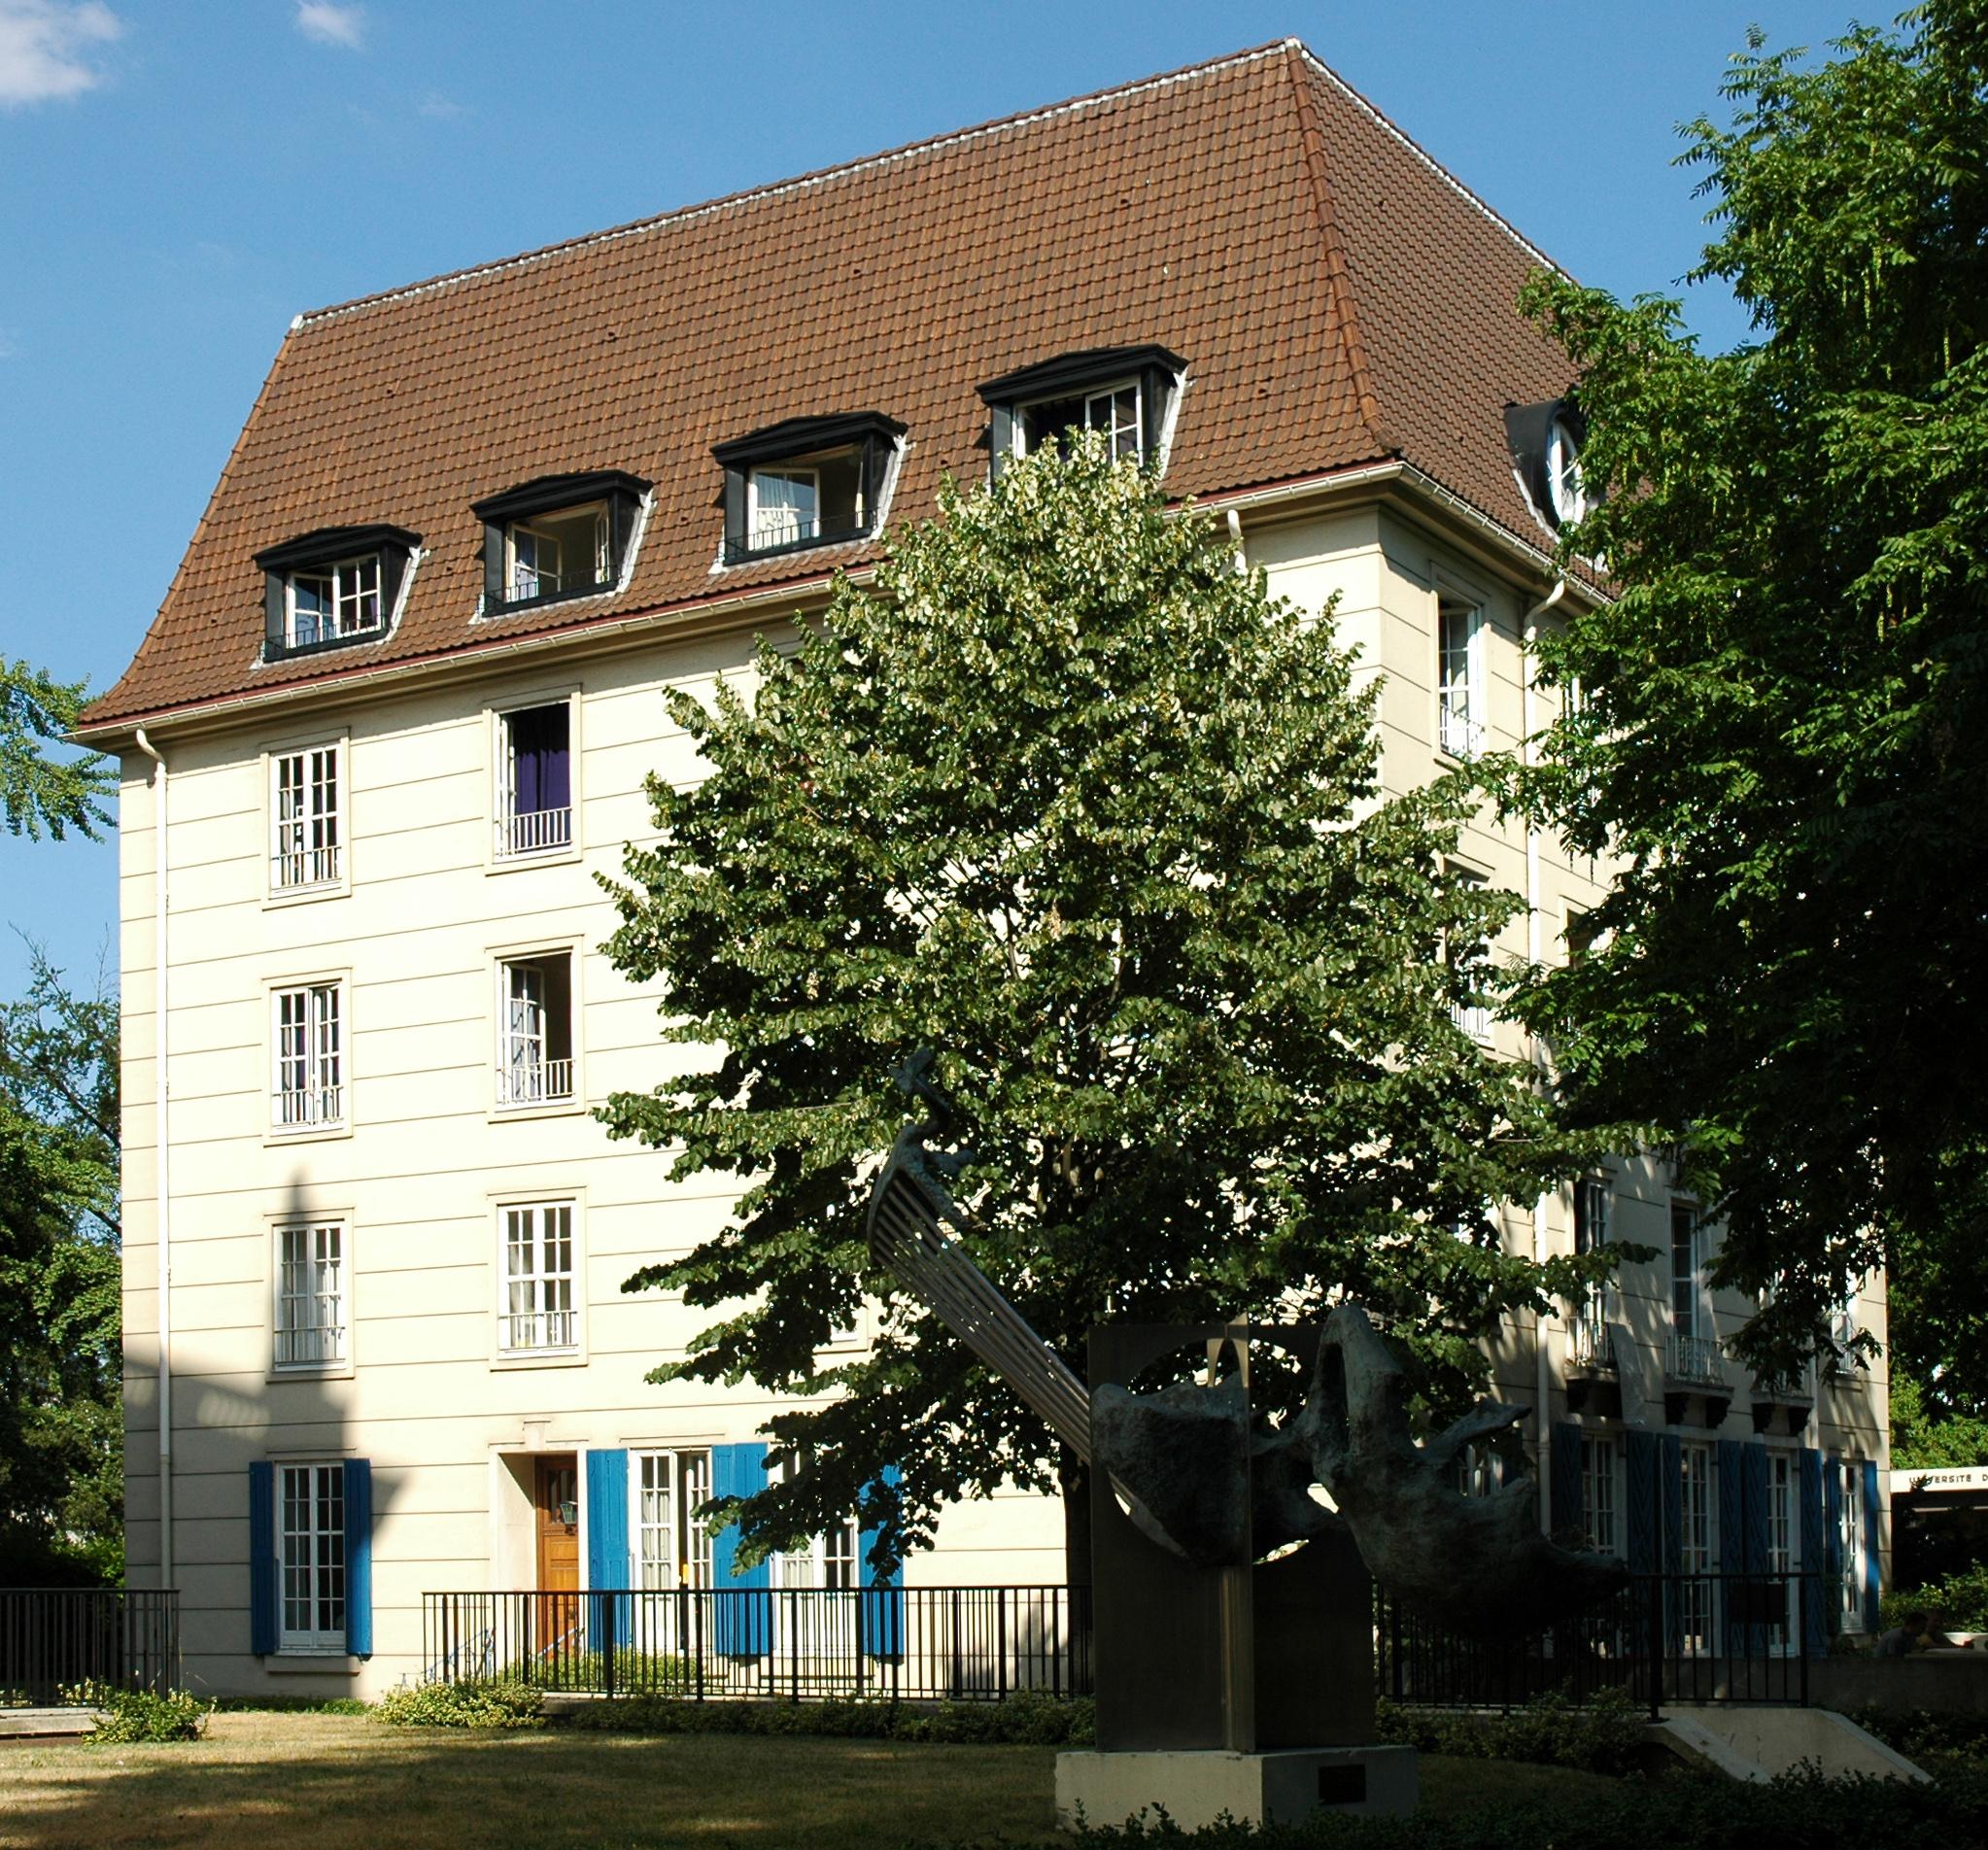 File france paris cite universitaire maison suede 01 jpg wikimedia commons - Abreviatura de arquitecto ...